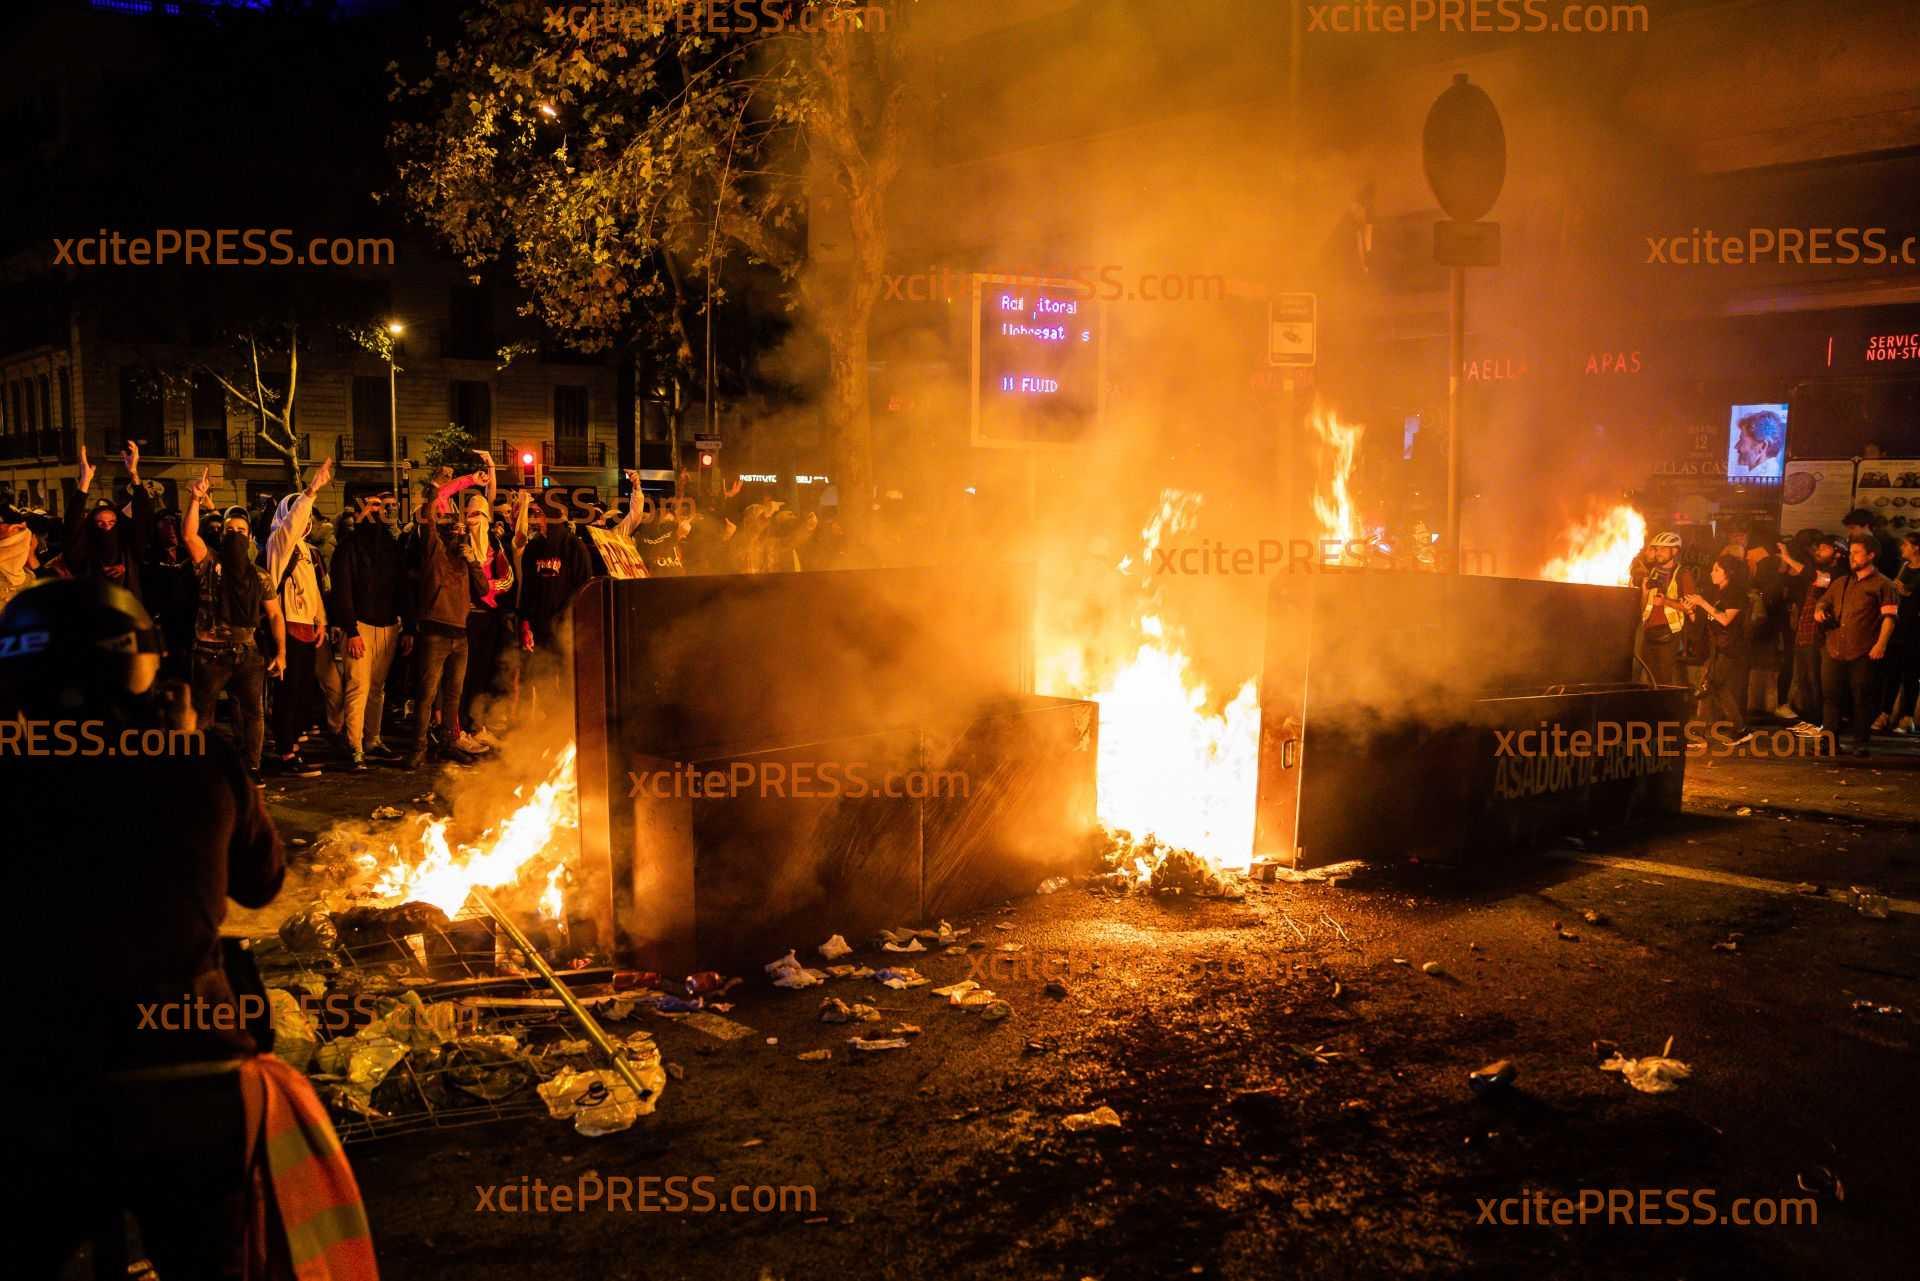 Vermummte Zündeln und bauen erneut Barrikaden auf - Keine Ruhe für katalanische Hauptstadt: Polizei scheint machtlos gegen Demonstranten, Feuerwehr bei Löscharbeiten attackiert, Gummigeschosse eingesetzt